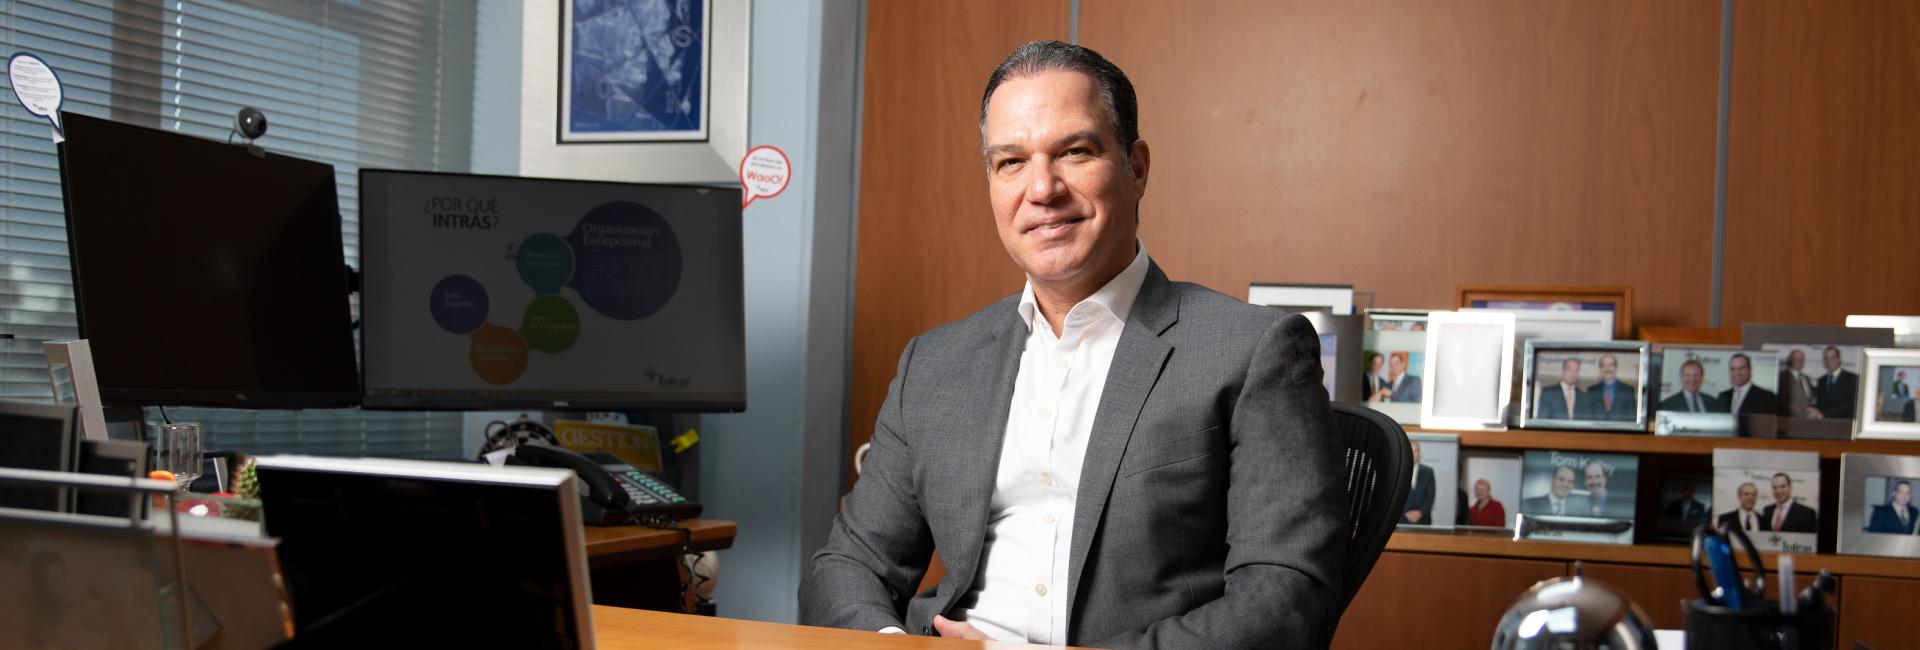 Ney Díaz es emprendedor y autor. Agradecido del privilegio de ganarse la vida aportando al éxito personal, profesional y empresarial de los demás.